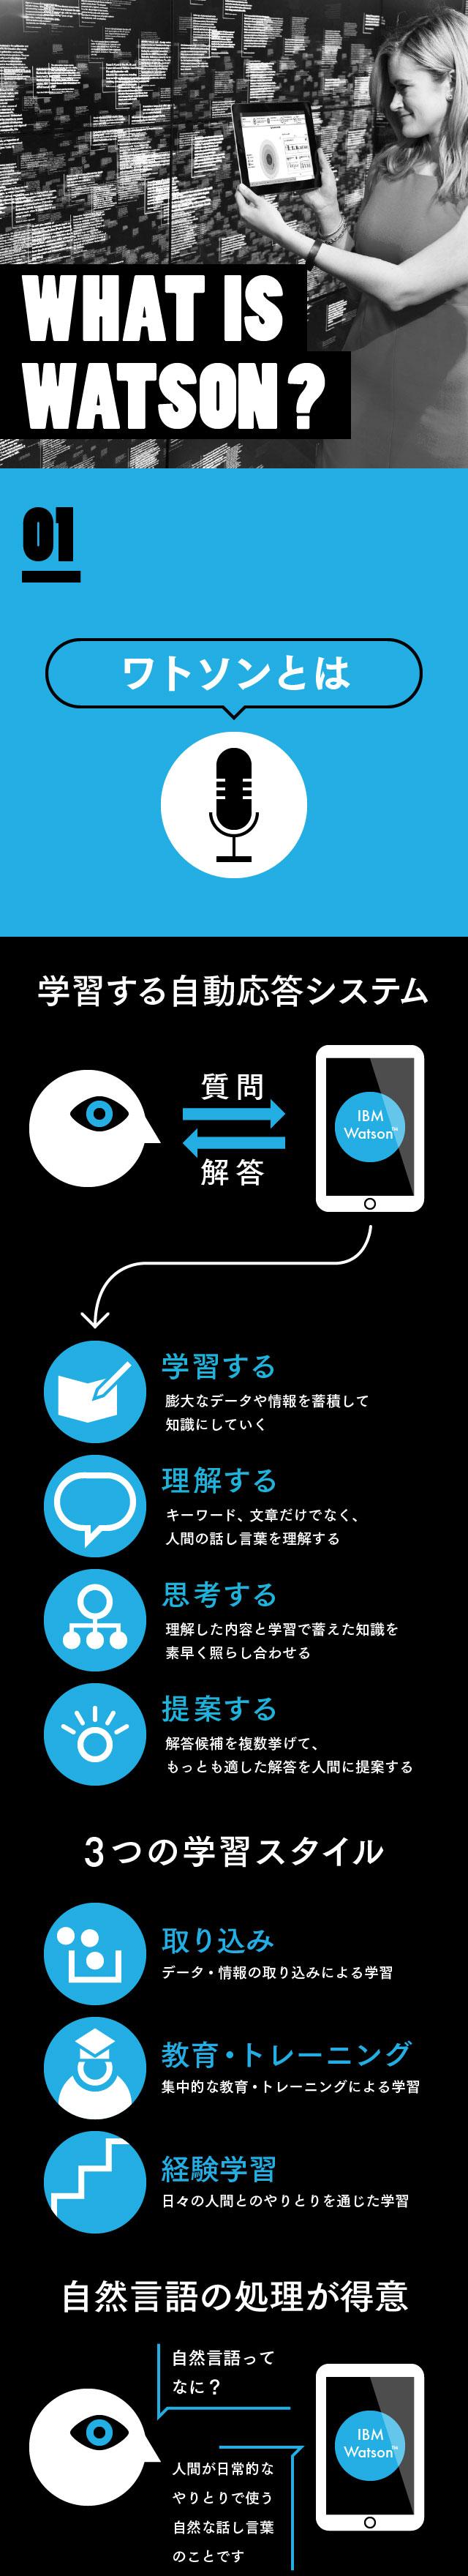 2136【マスター】ワトソン_20150730-01